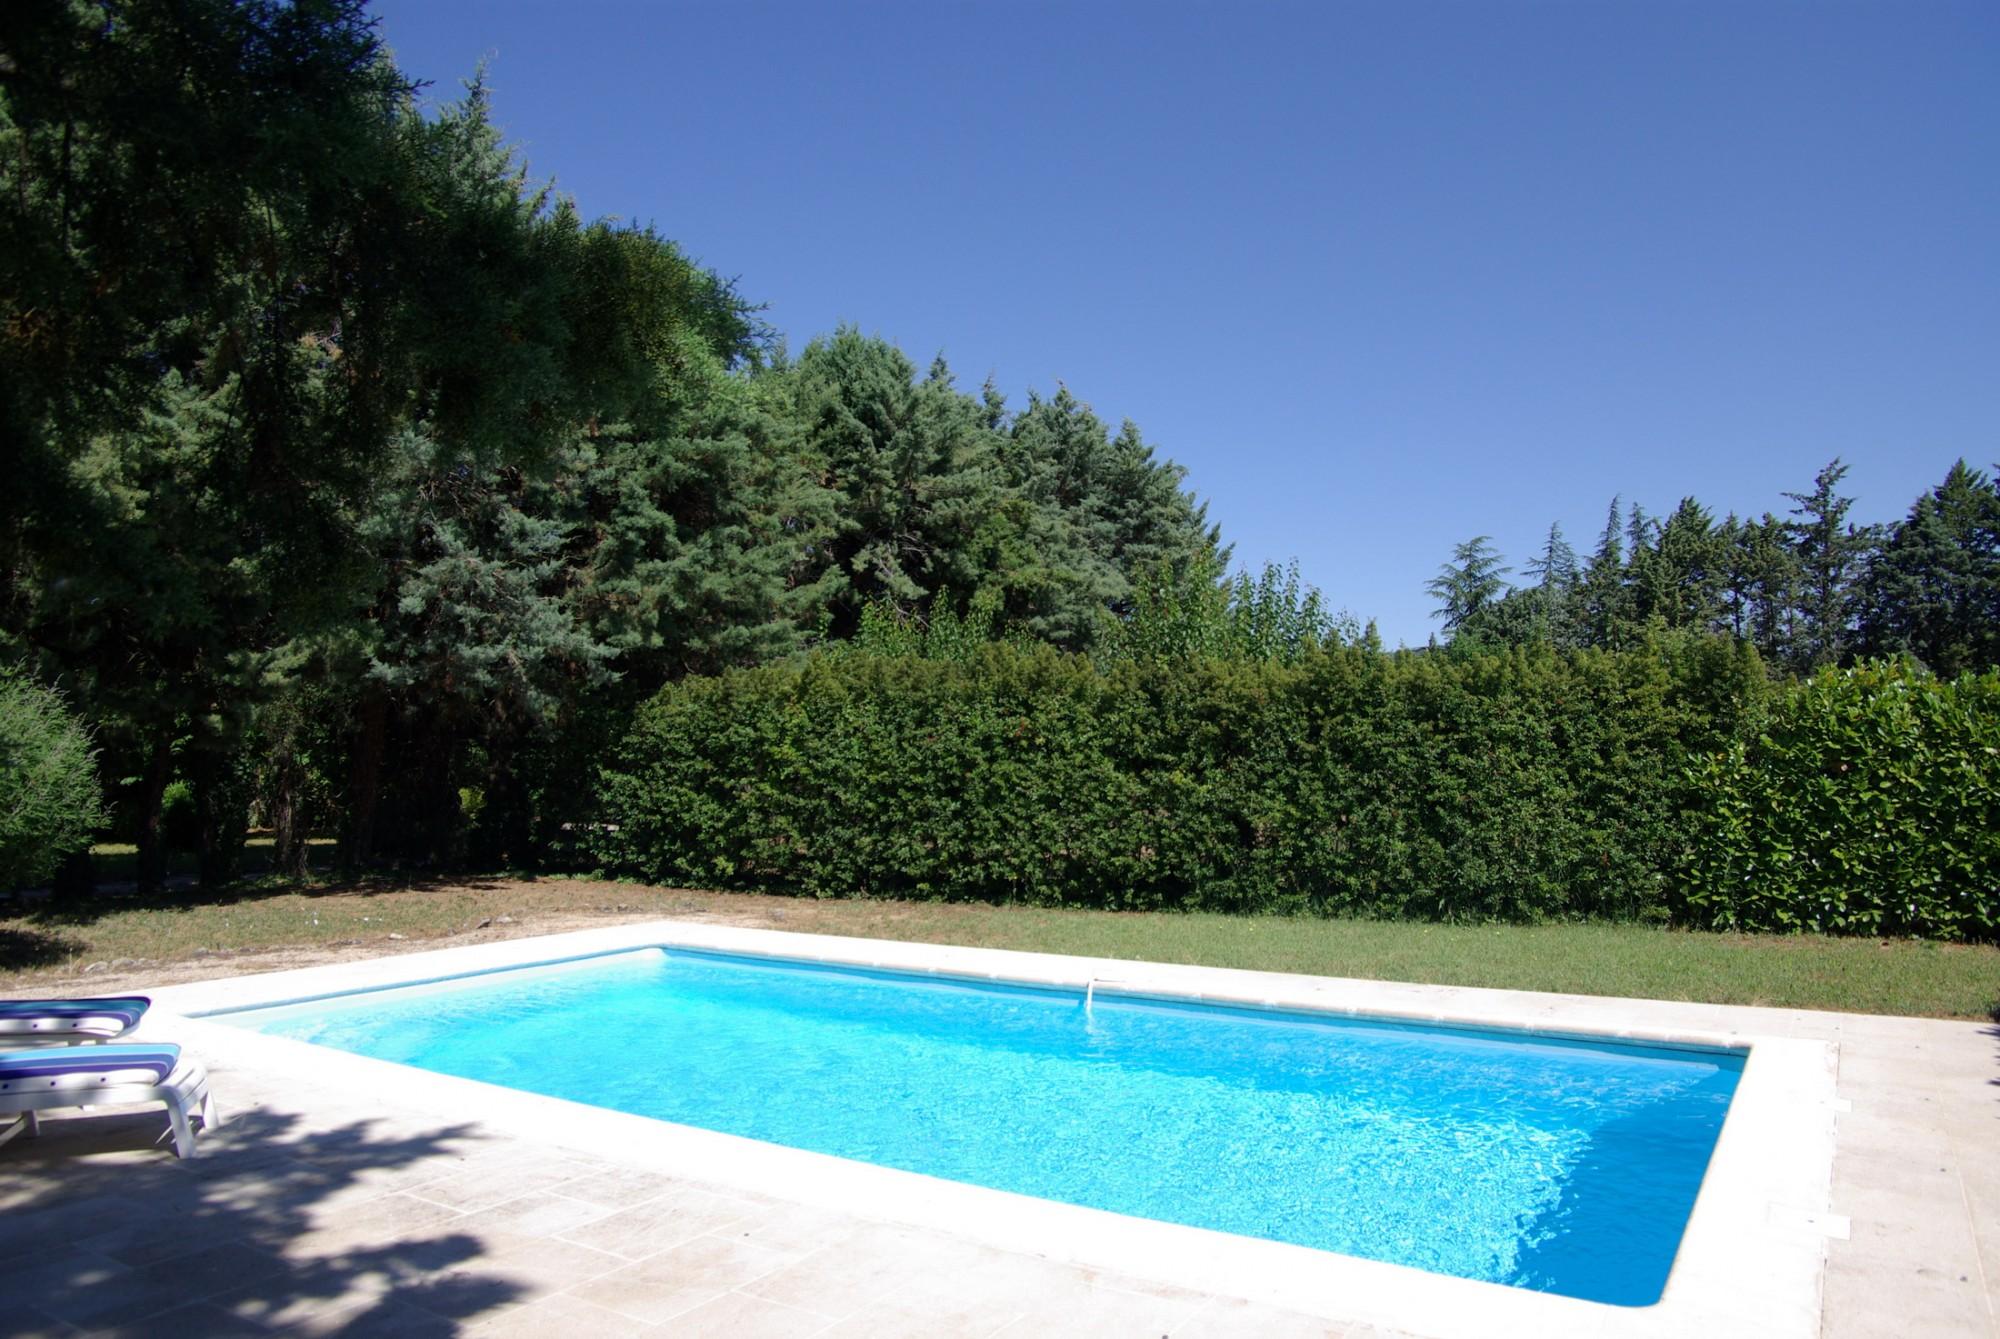 Maison de hameau avec piscine en parfait état